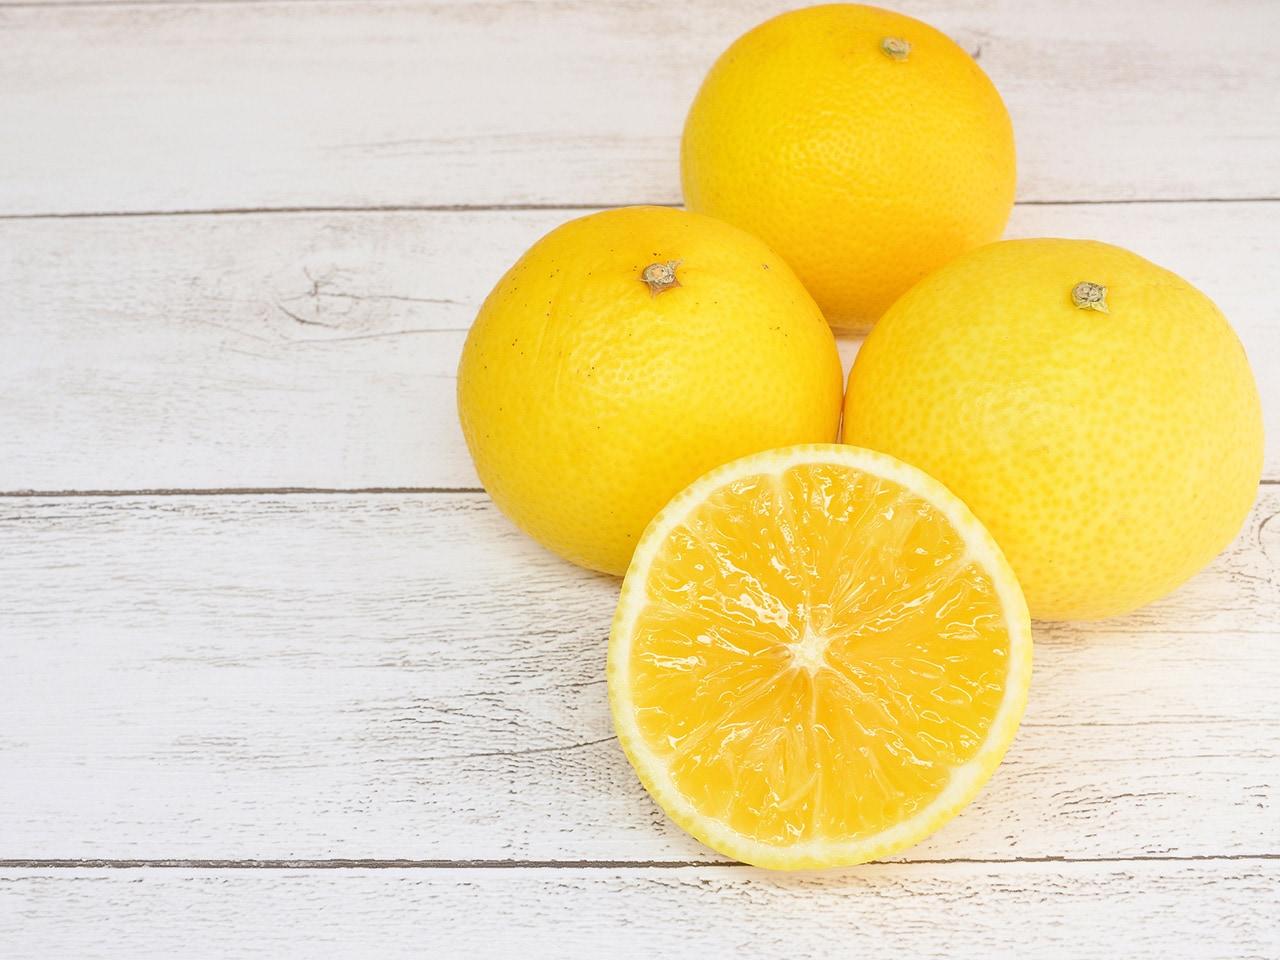 キービジュアル画像:柑橘農家の希望!爽やかな香りと上品な味わいの希少品種「湘南ゴールド」